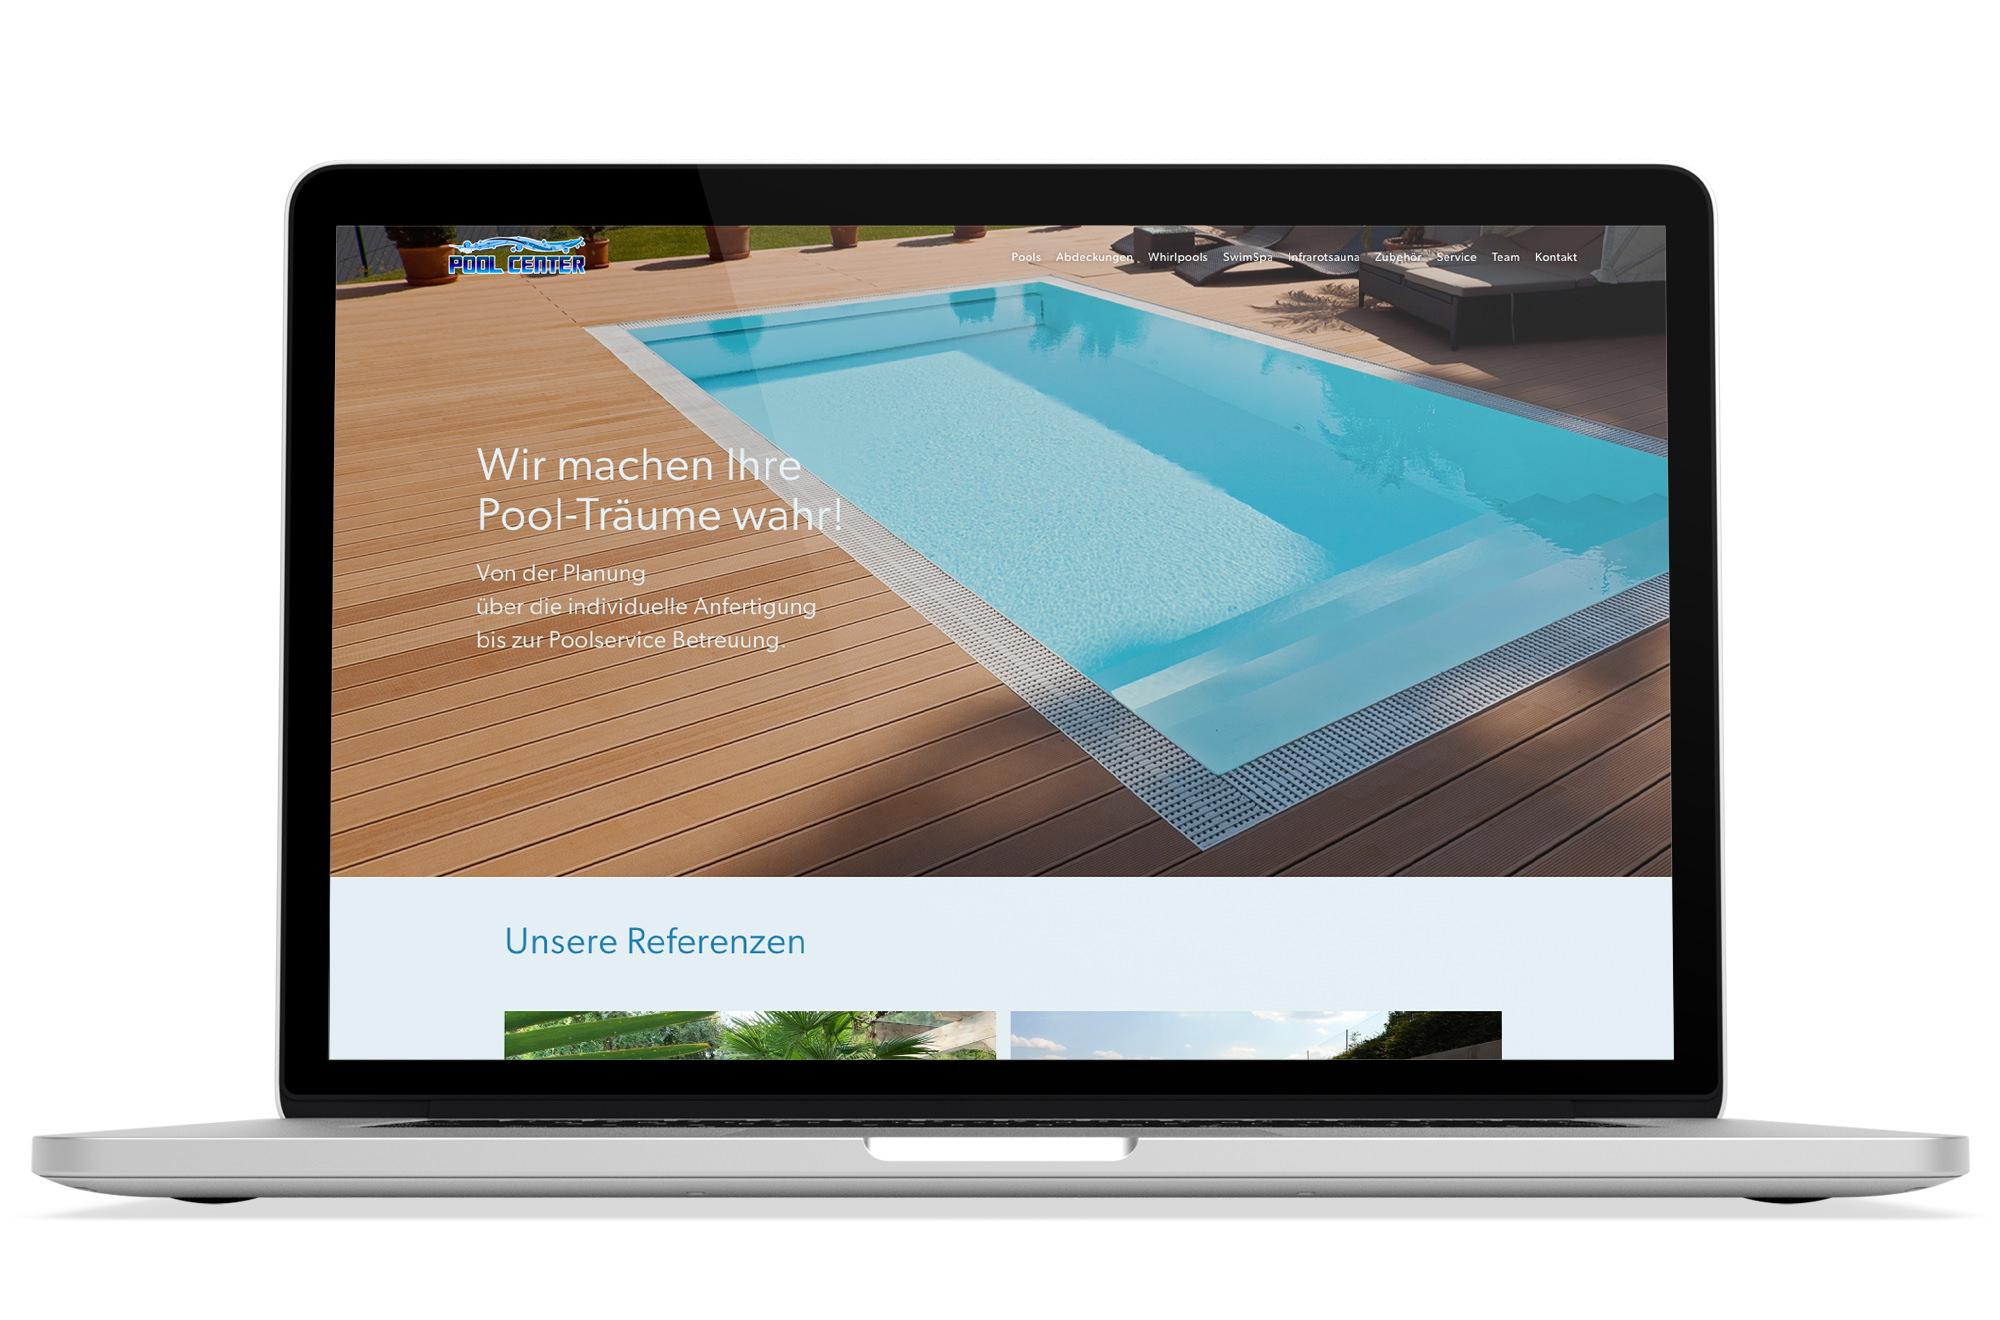 Webdesign Beispiel: Responsive Webdesign, WordPress für Pool Center